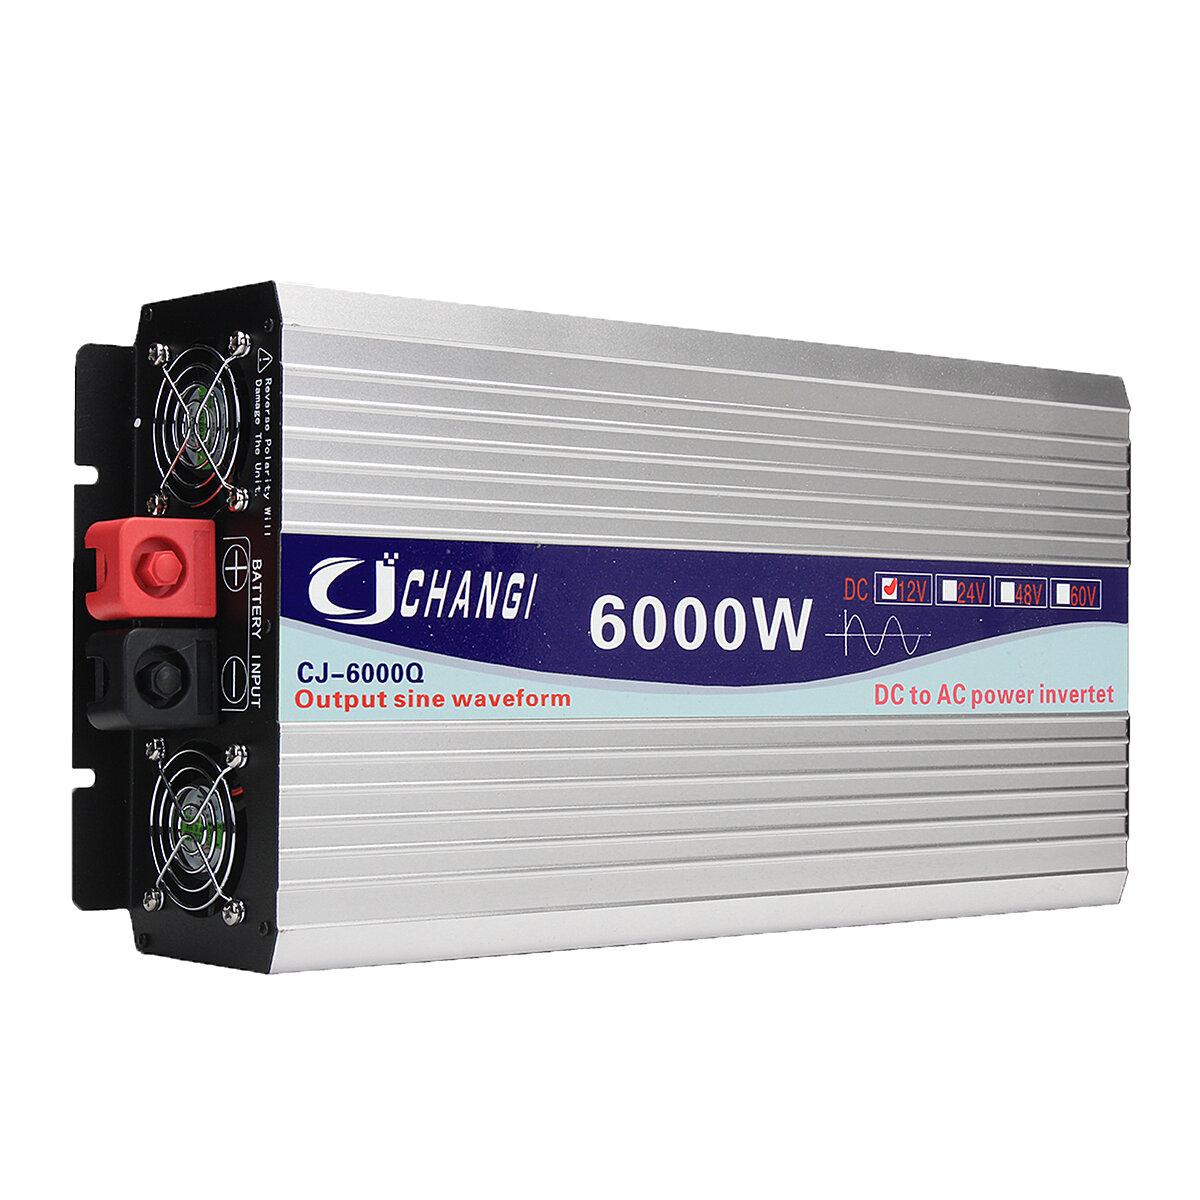 Inversor de onda senoidal pura solar inteligente DC 12V / 24V para AC 110V 60Hz 3000W / 4000W / 5000W / 6000W Conversor